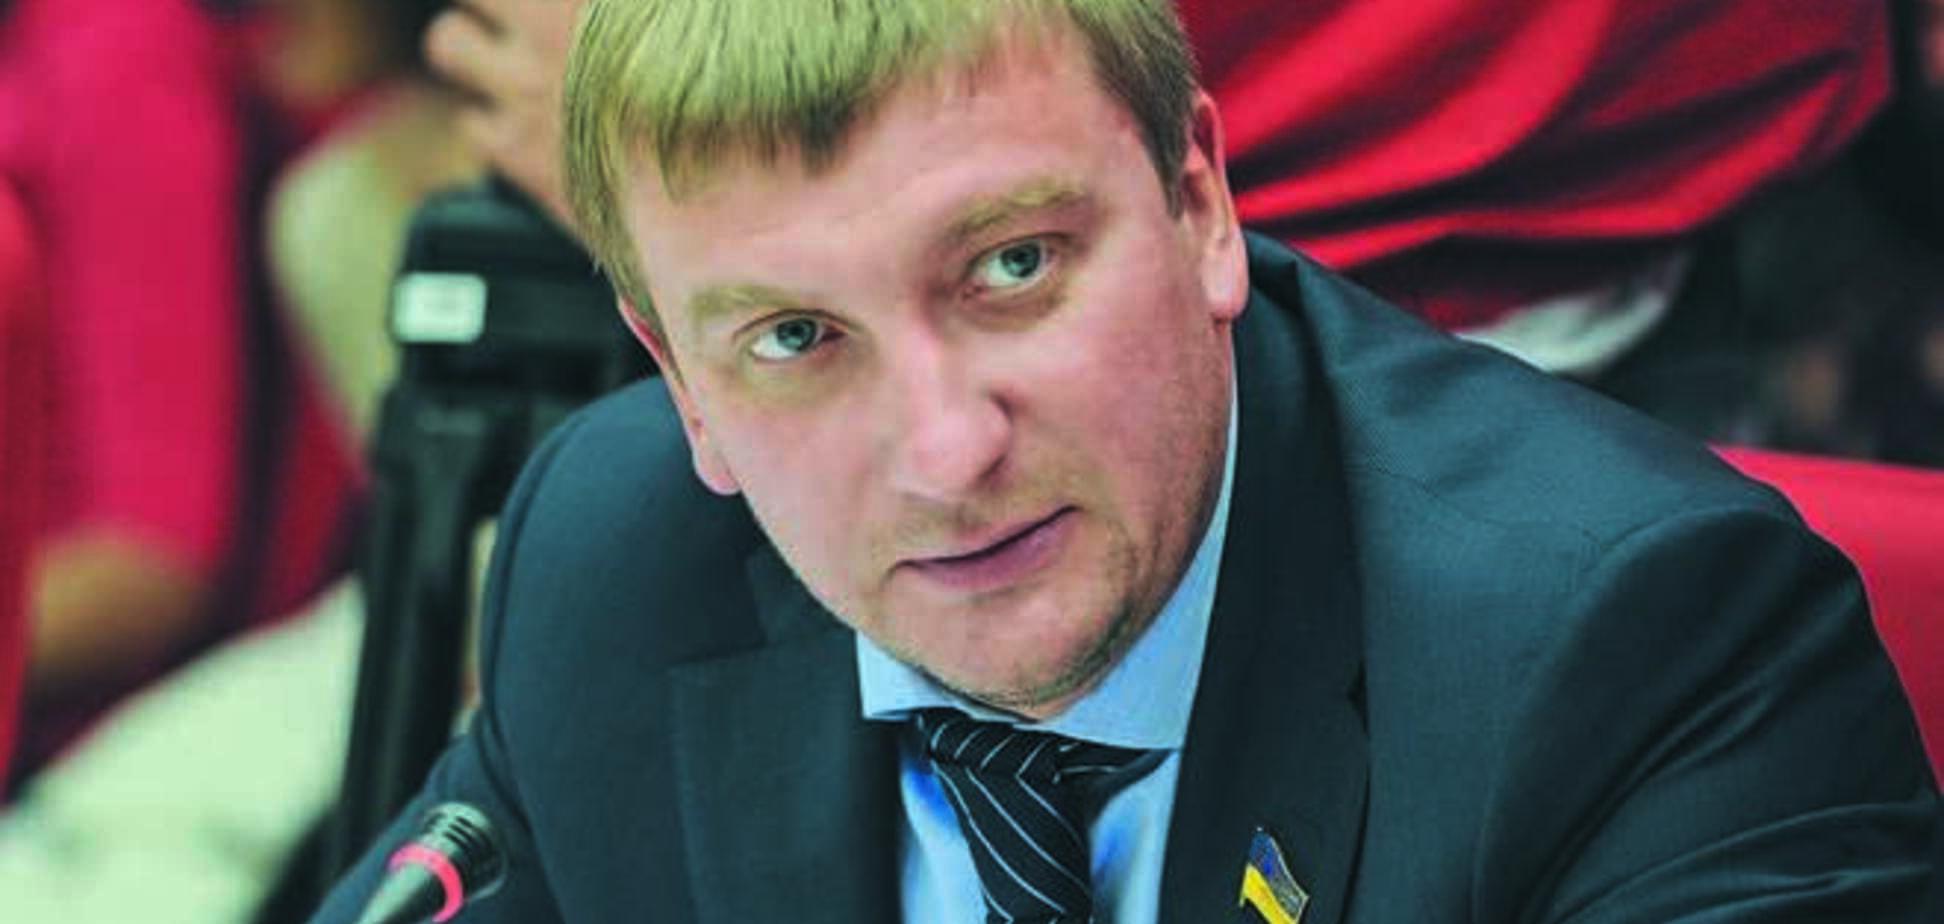 ЕСПЧ требует от России до 17 июня объяснить захват и вывоз украинских детей-сирот